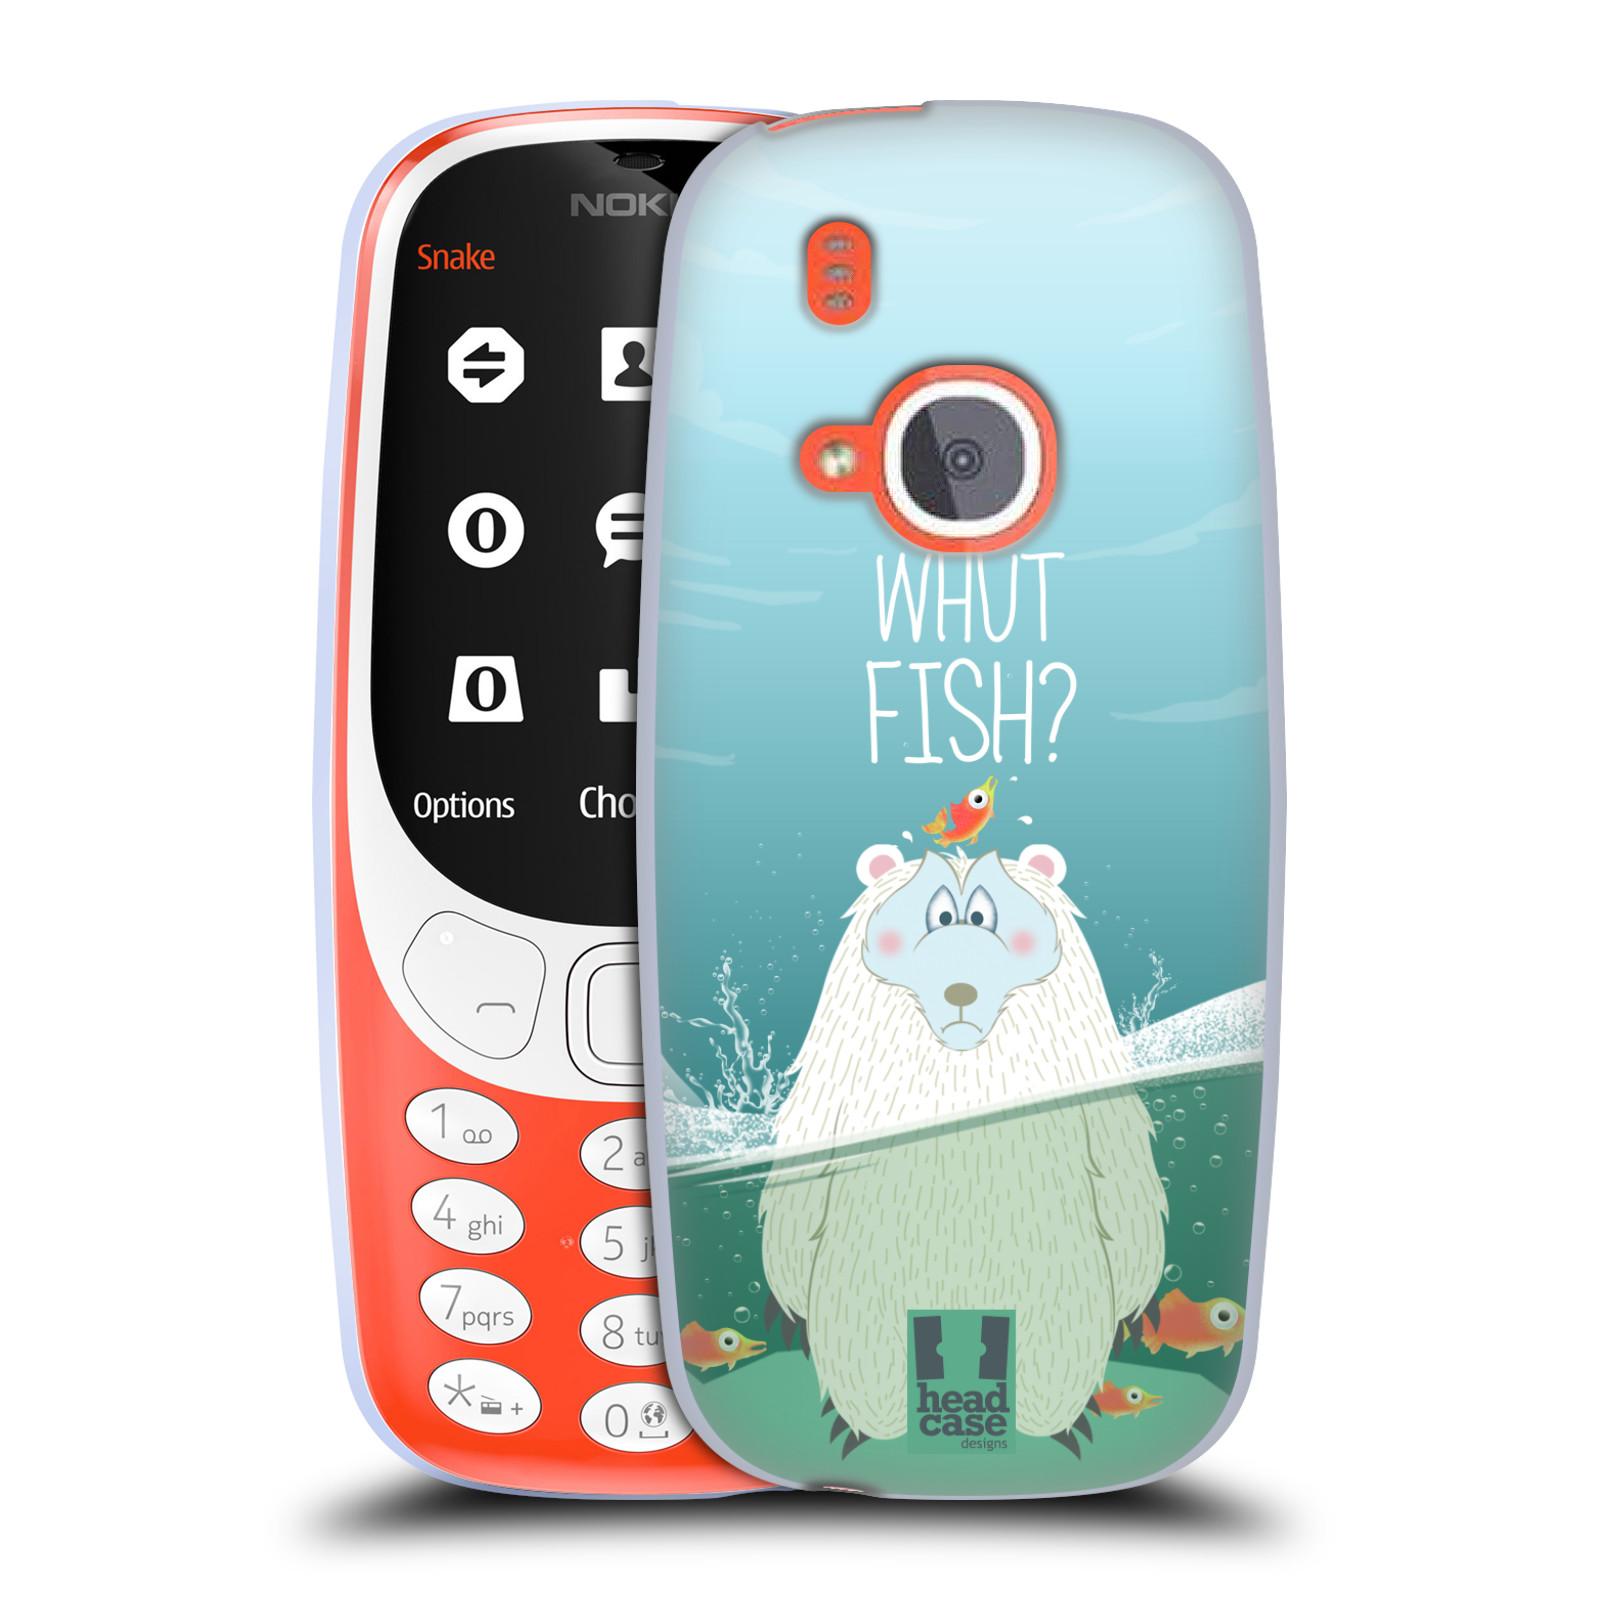 Silikonové pouzdro na mobil Nokia 3310 - Head Case - Medvěd Whut Fish?